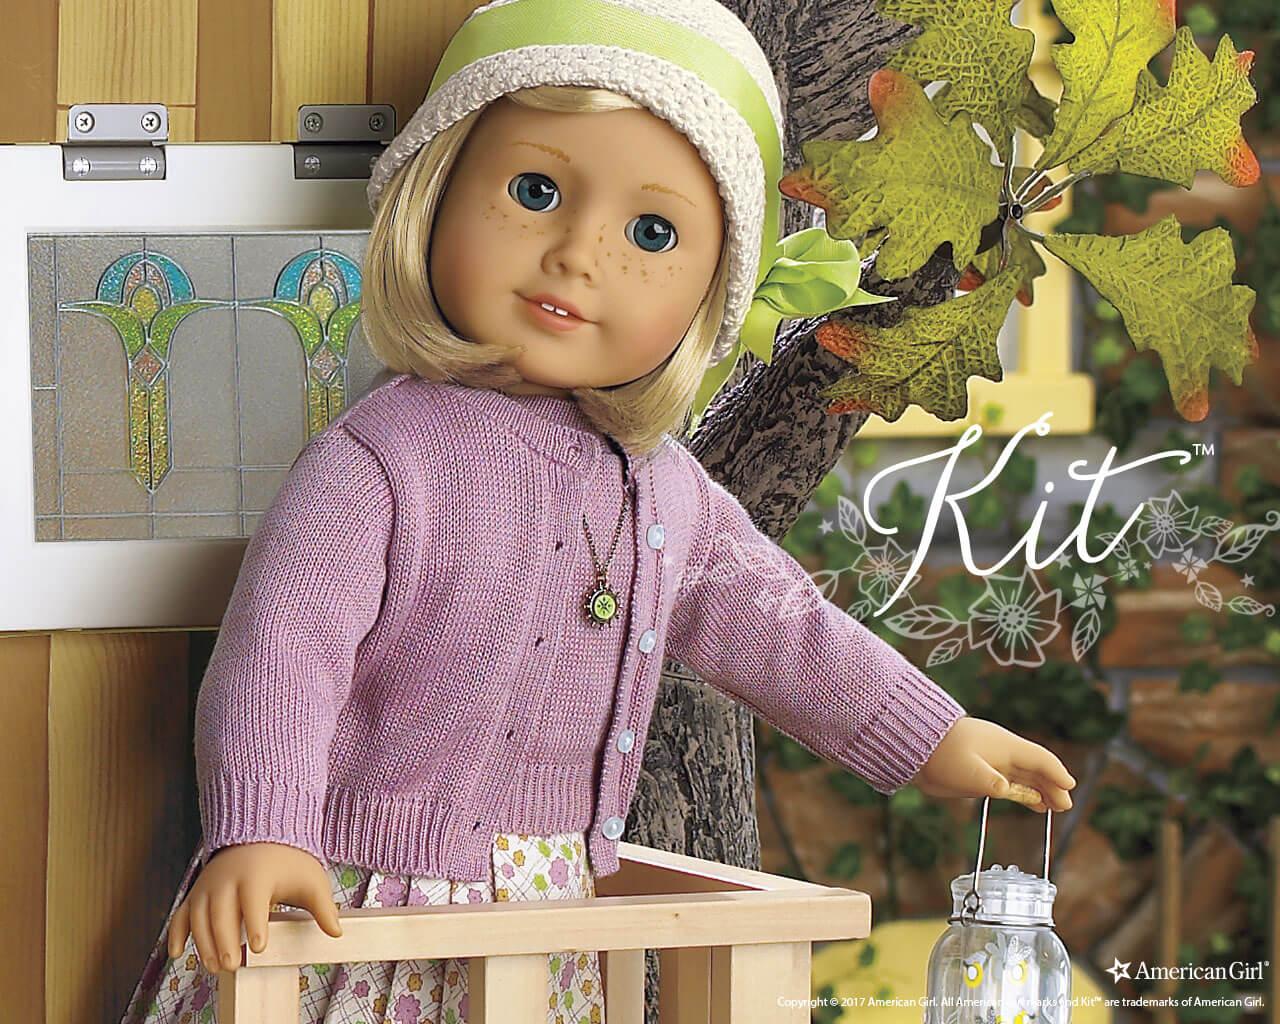 Kit Kittredge 1934 BeForever Play at American Girl 1280x1024